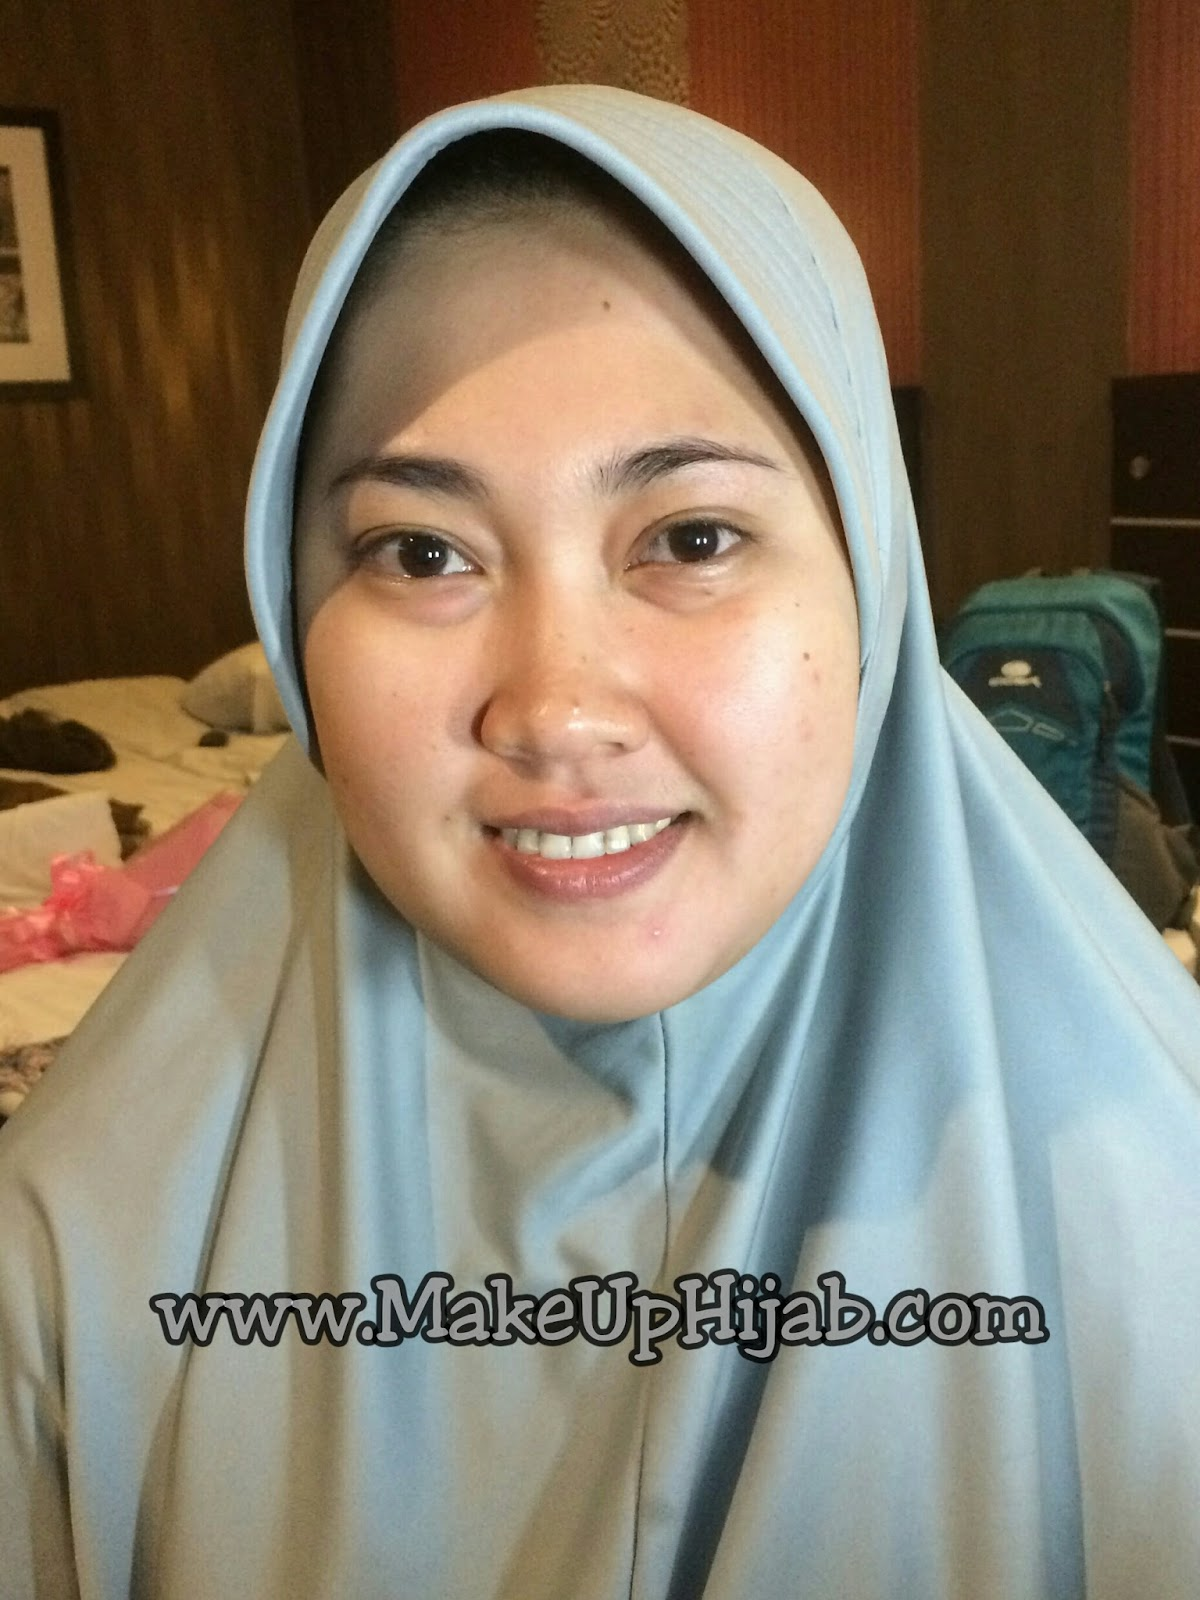 Tidak ada masalah yang berarti saat makeup mba Mel Hanya ada sedikit koreksi dibagian ujung mata yg naik dan kantong mata yang sedikit menghitam